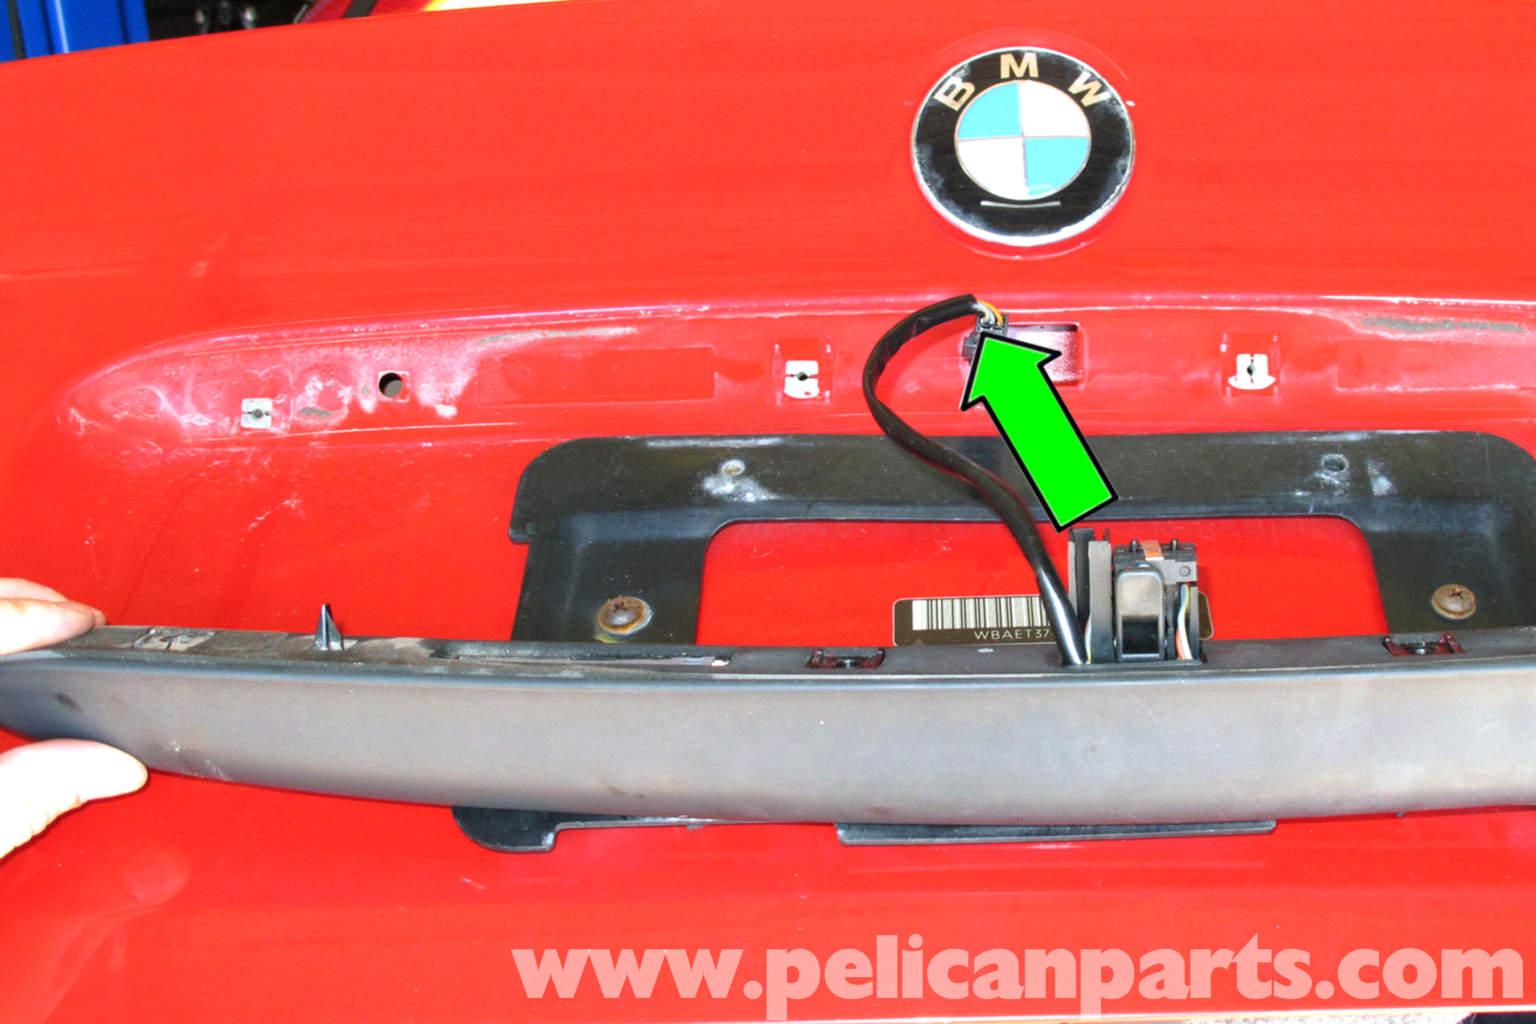 bmw e46 trunk release button replacement bmw 325i 2001 2005 bmw rh pelicanparts com 2005 BMW 325I Sport Interior 2005 BMW 325I Interior